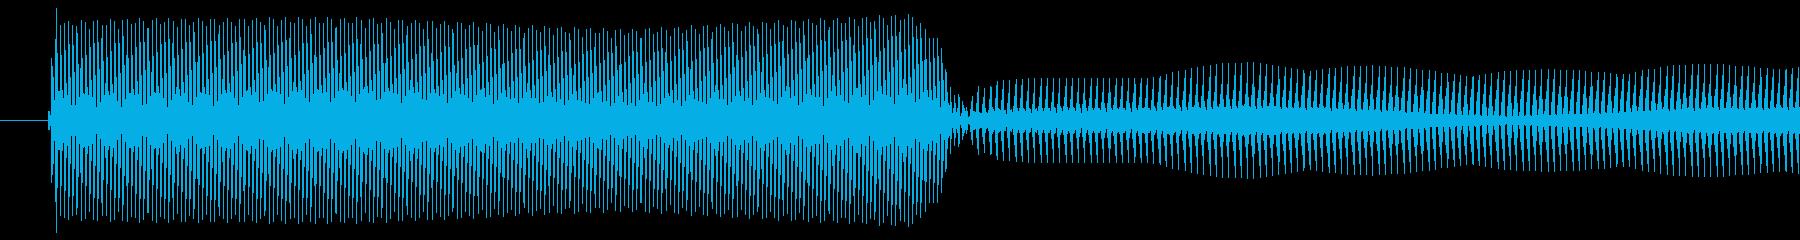 パソコン/決定音/ピポッの再生済みの波形